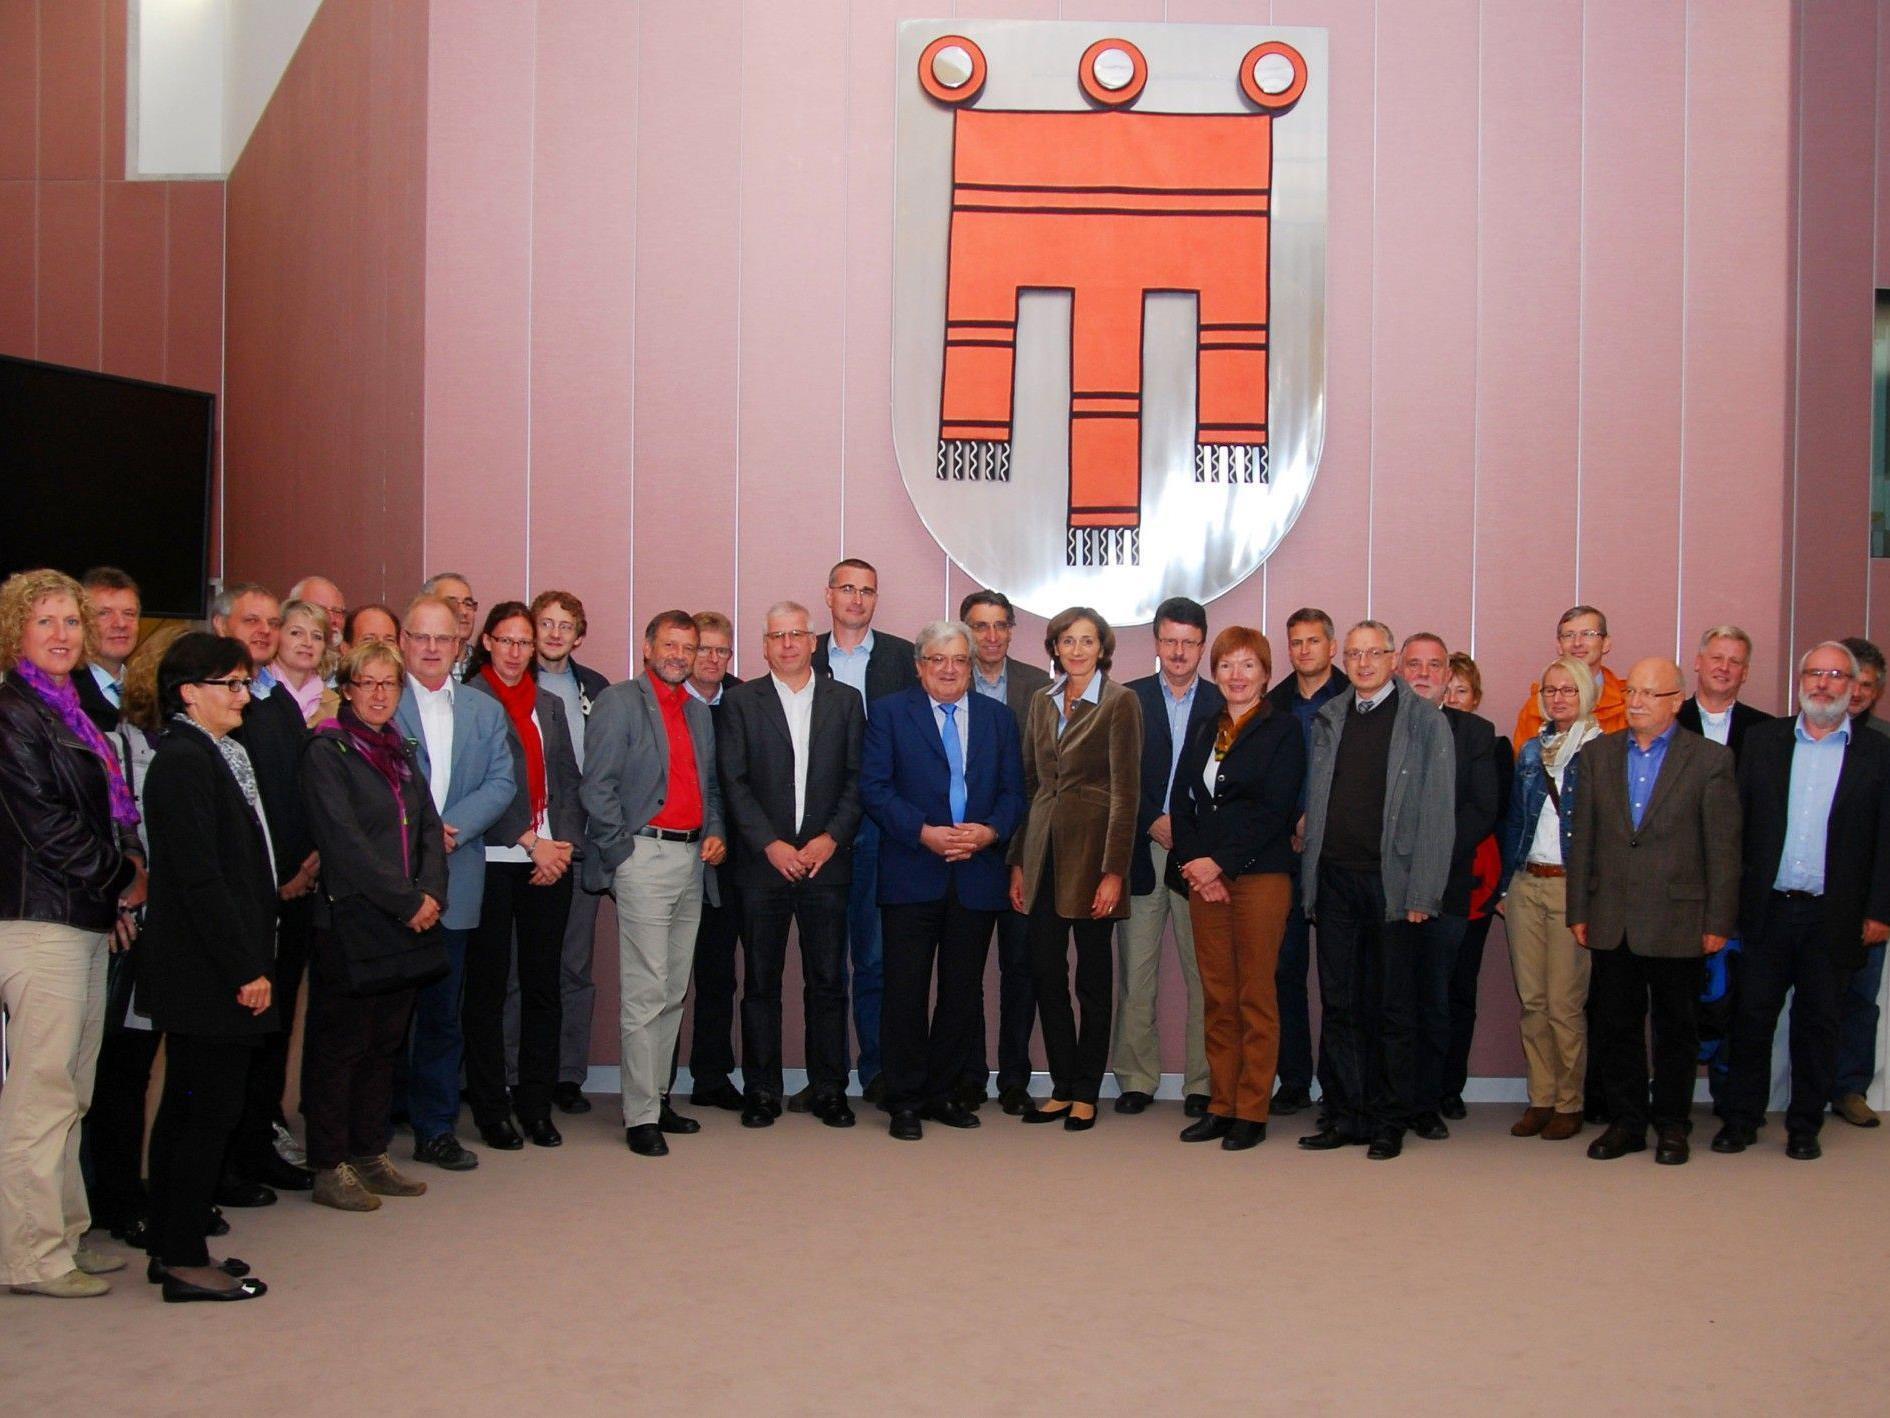 AbteilungsleiterInnen des Landratsamtes Ravensburg besichten den Vorarlberger Landtag.